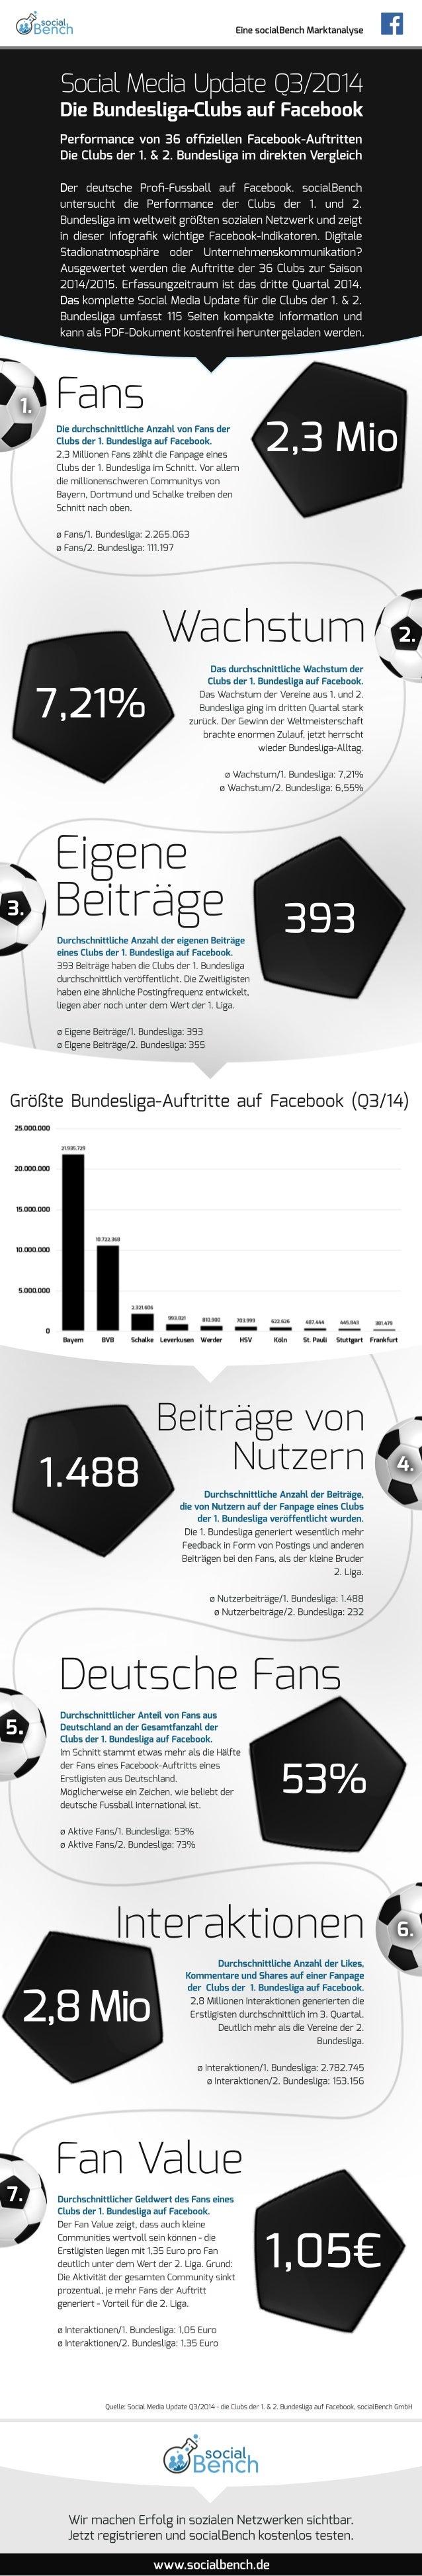 Eine socialBench Marktanalyse  Social Media Update Q3/2014  Die Bundesliga-Clubs auf Facebook  Performance von 36 offiziel...